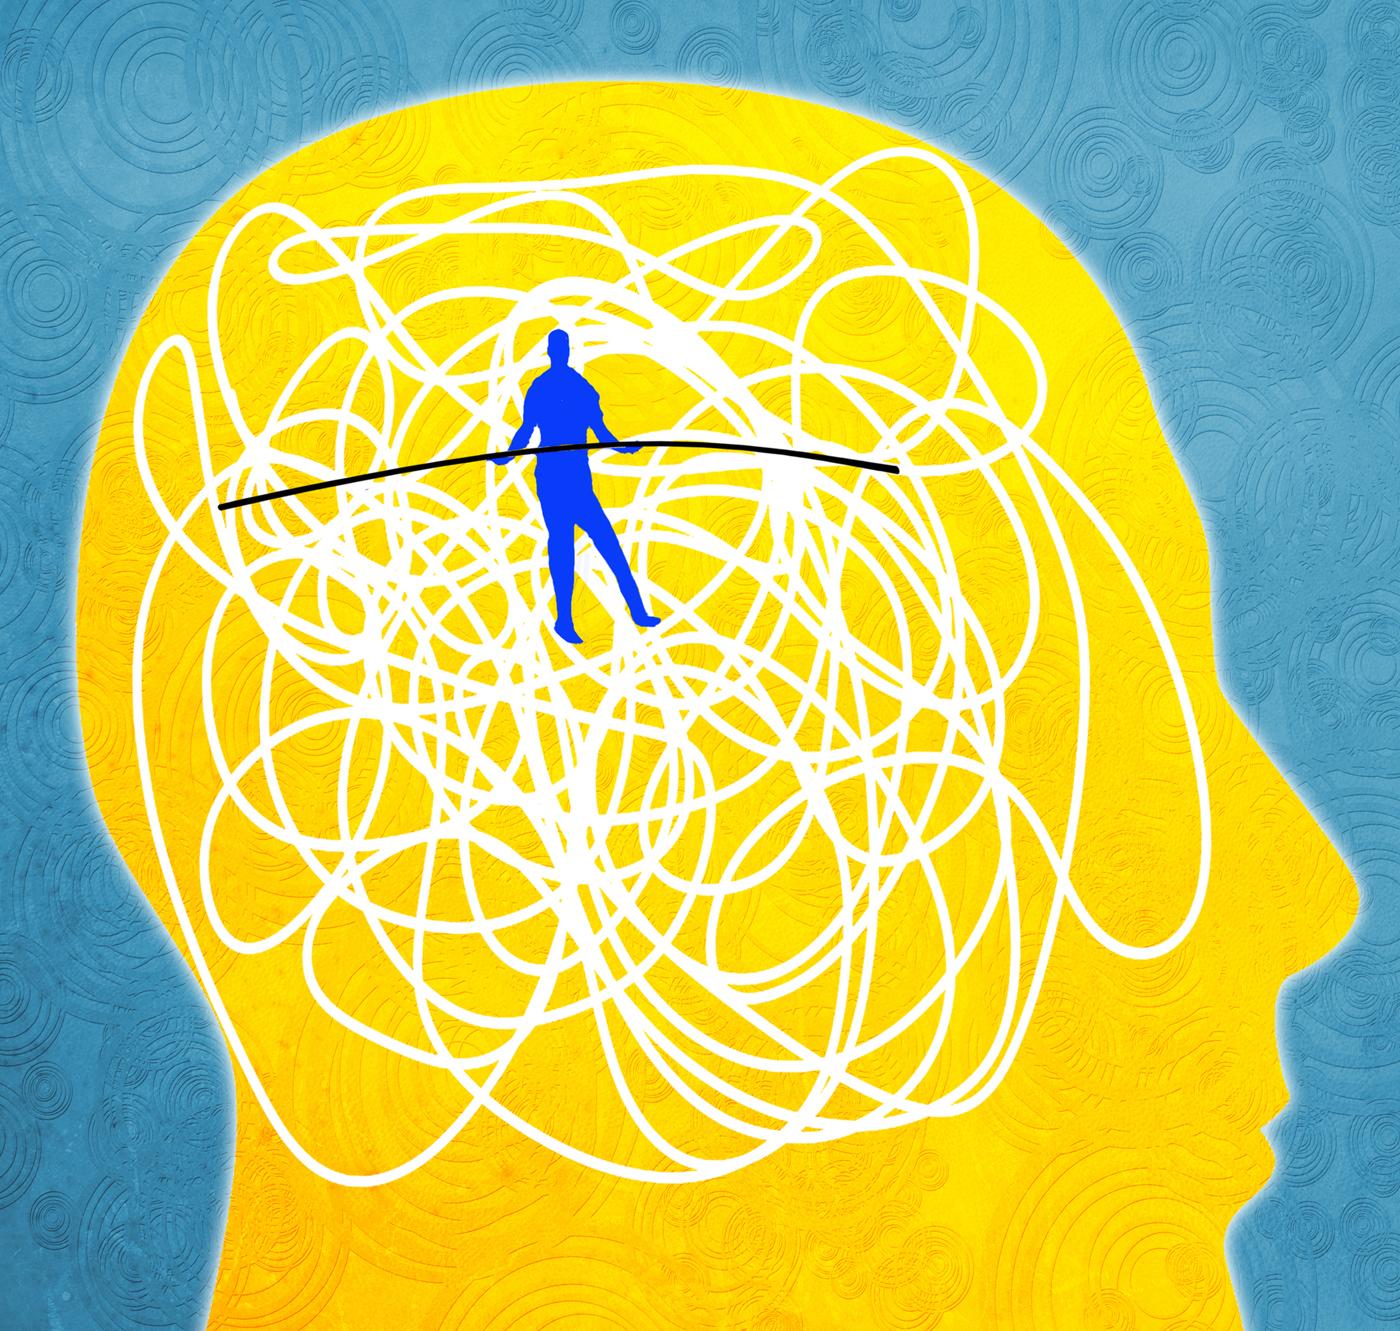 Mental Flexibility May Buffer Against Emotional Stress